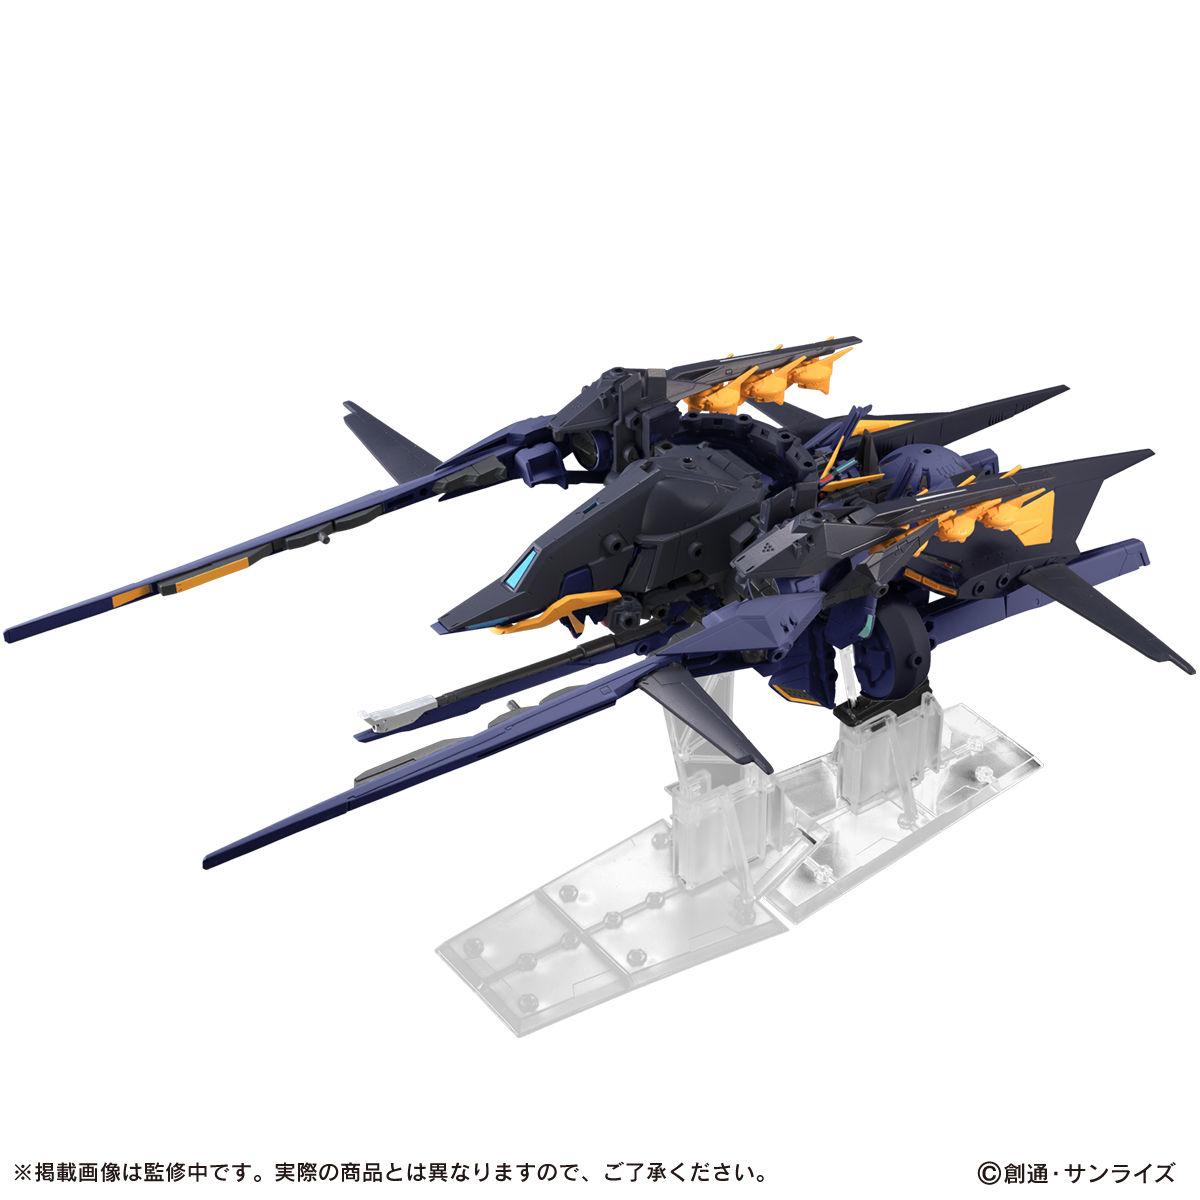 【限定販売】MOBILE SUIT ENSEMBLE『EX22 TR-6 インレ(ティターンズカラー)』デフォルメ可動フィギュア-005